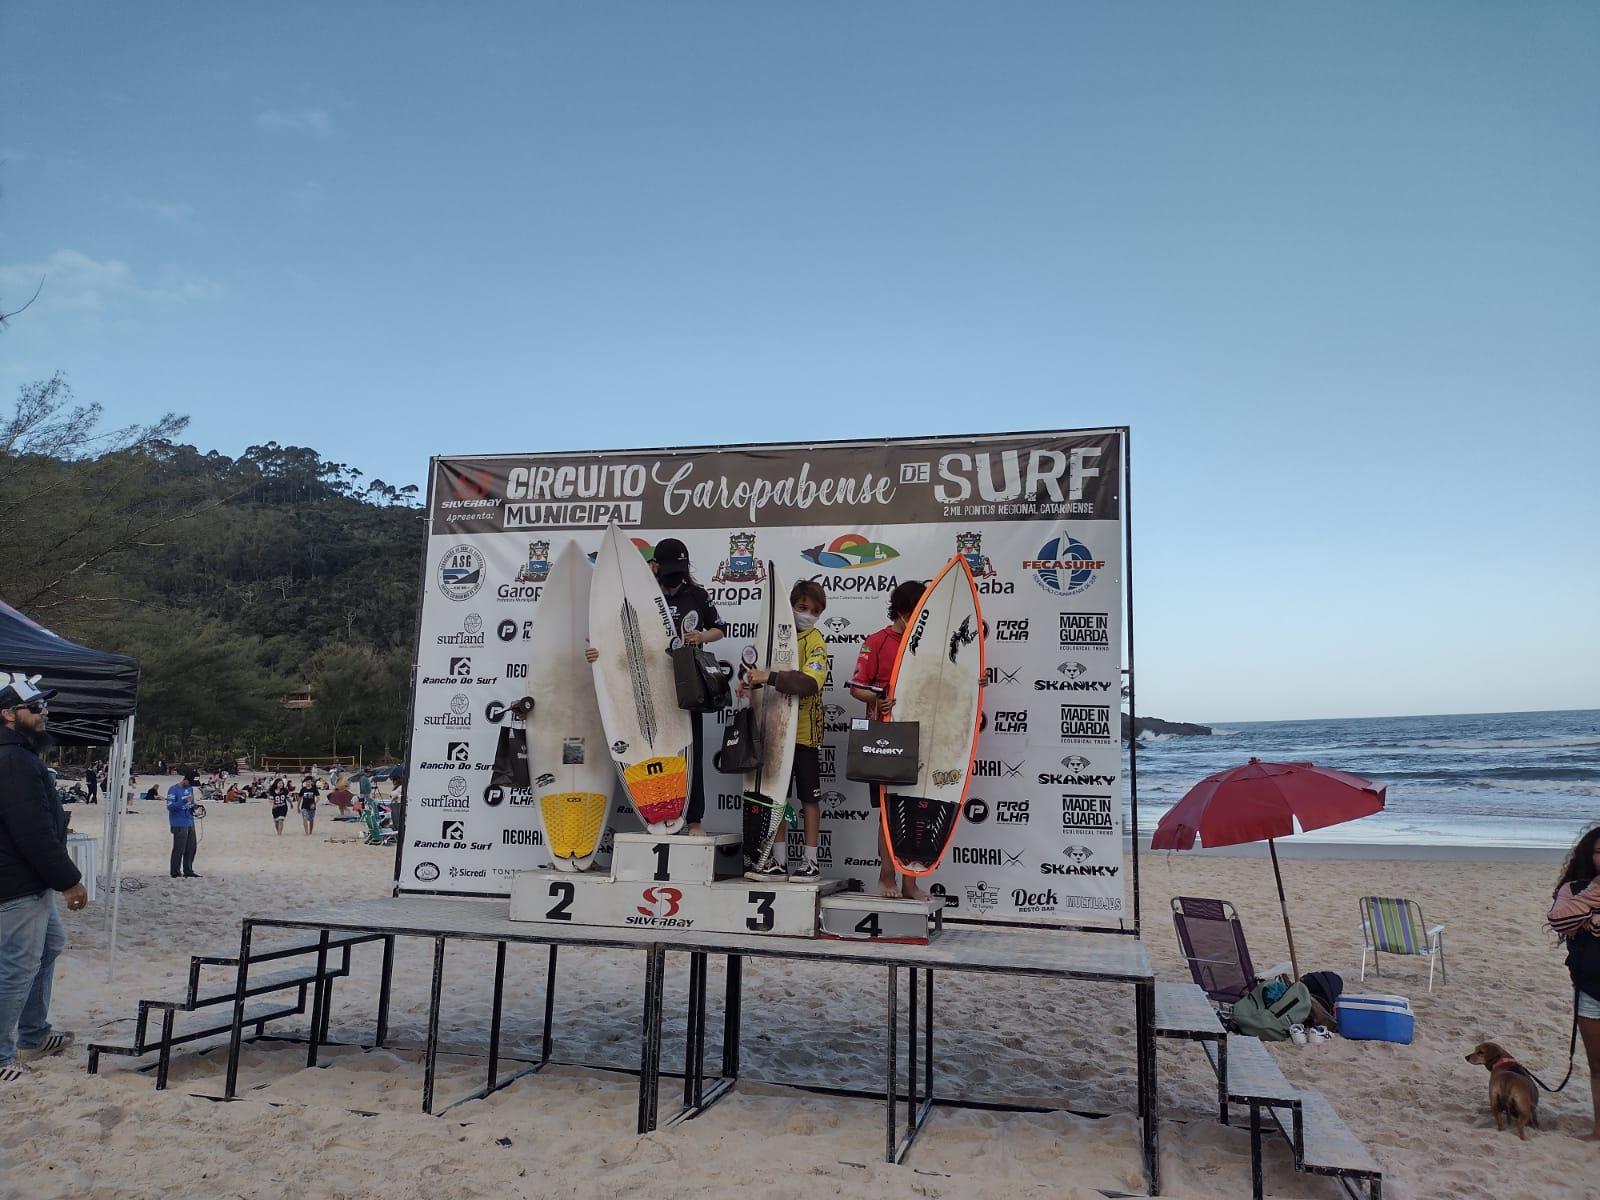 Surfistas em cima de um pódio, recebendo a premiação de um campeonato de surfe na Praia da Ferrugem em Garopaba